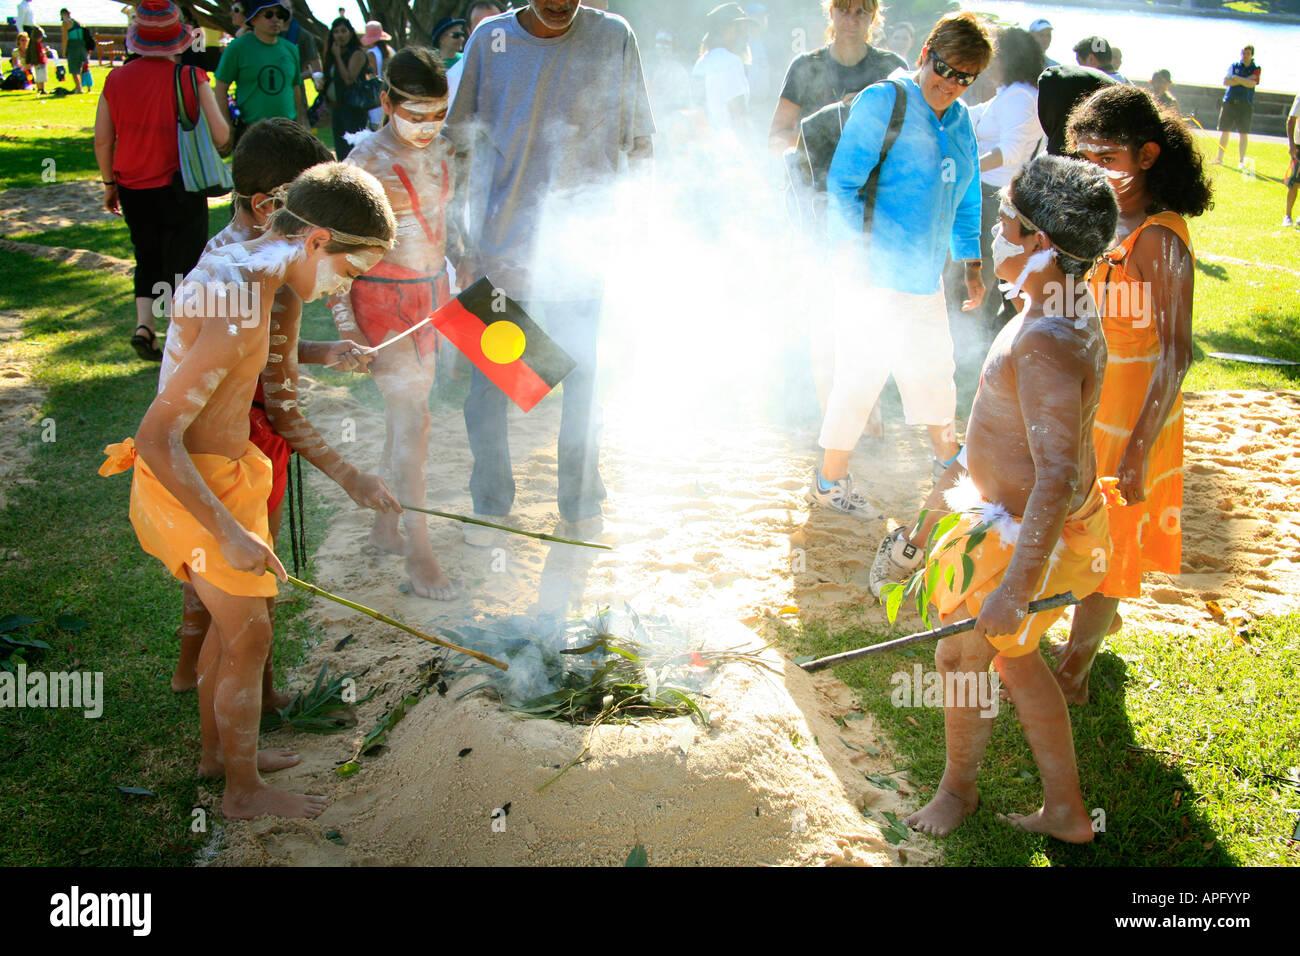 El día de Australia aborigen Ceremonia de fumar en los Jardines Botánicos de Sydney Imagen De Stock